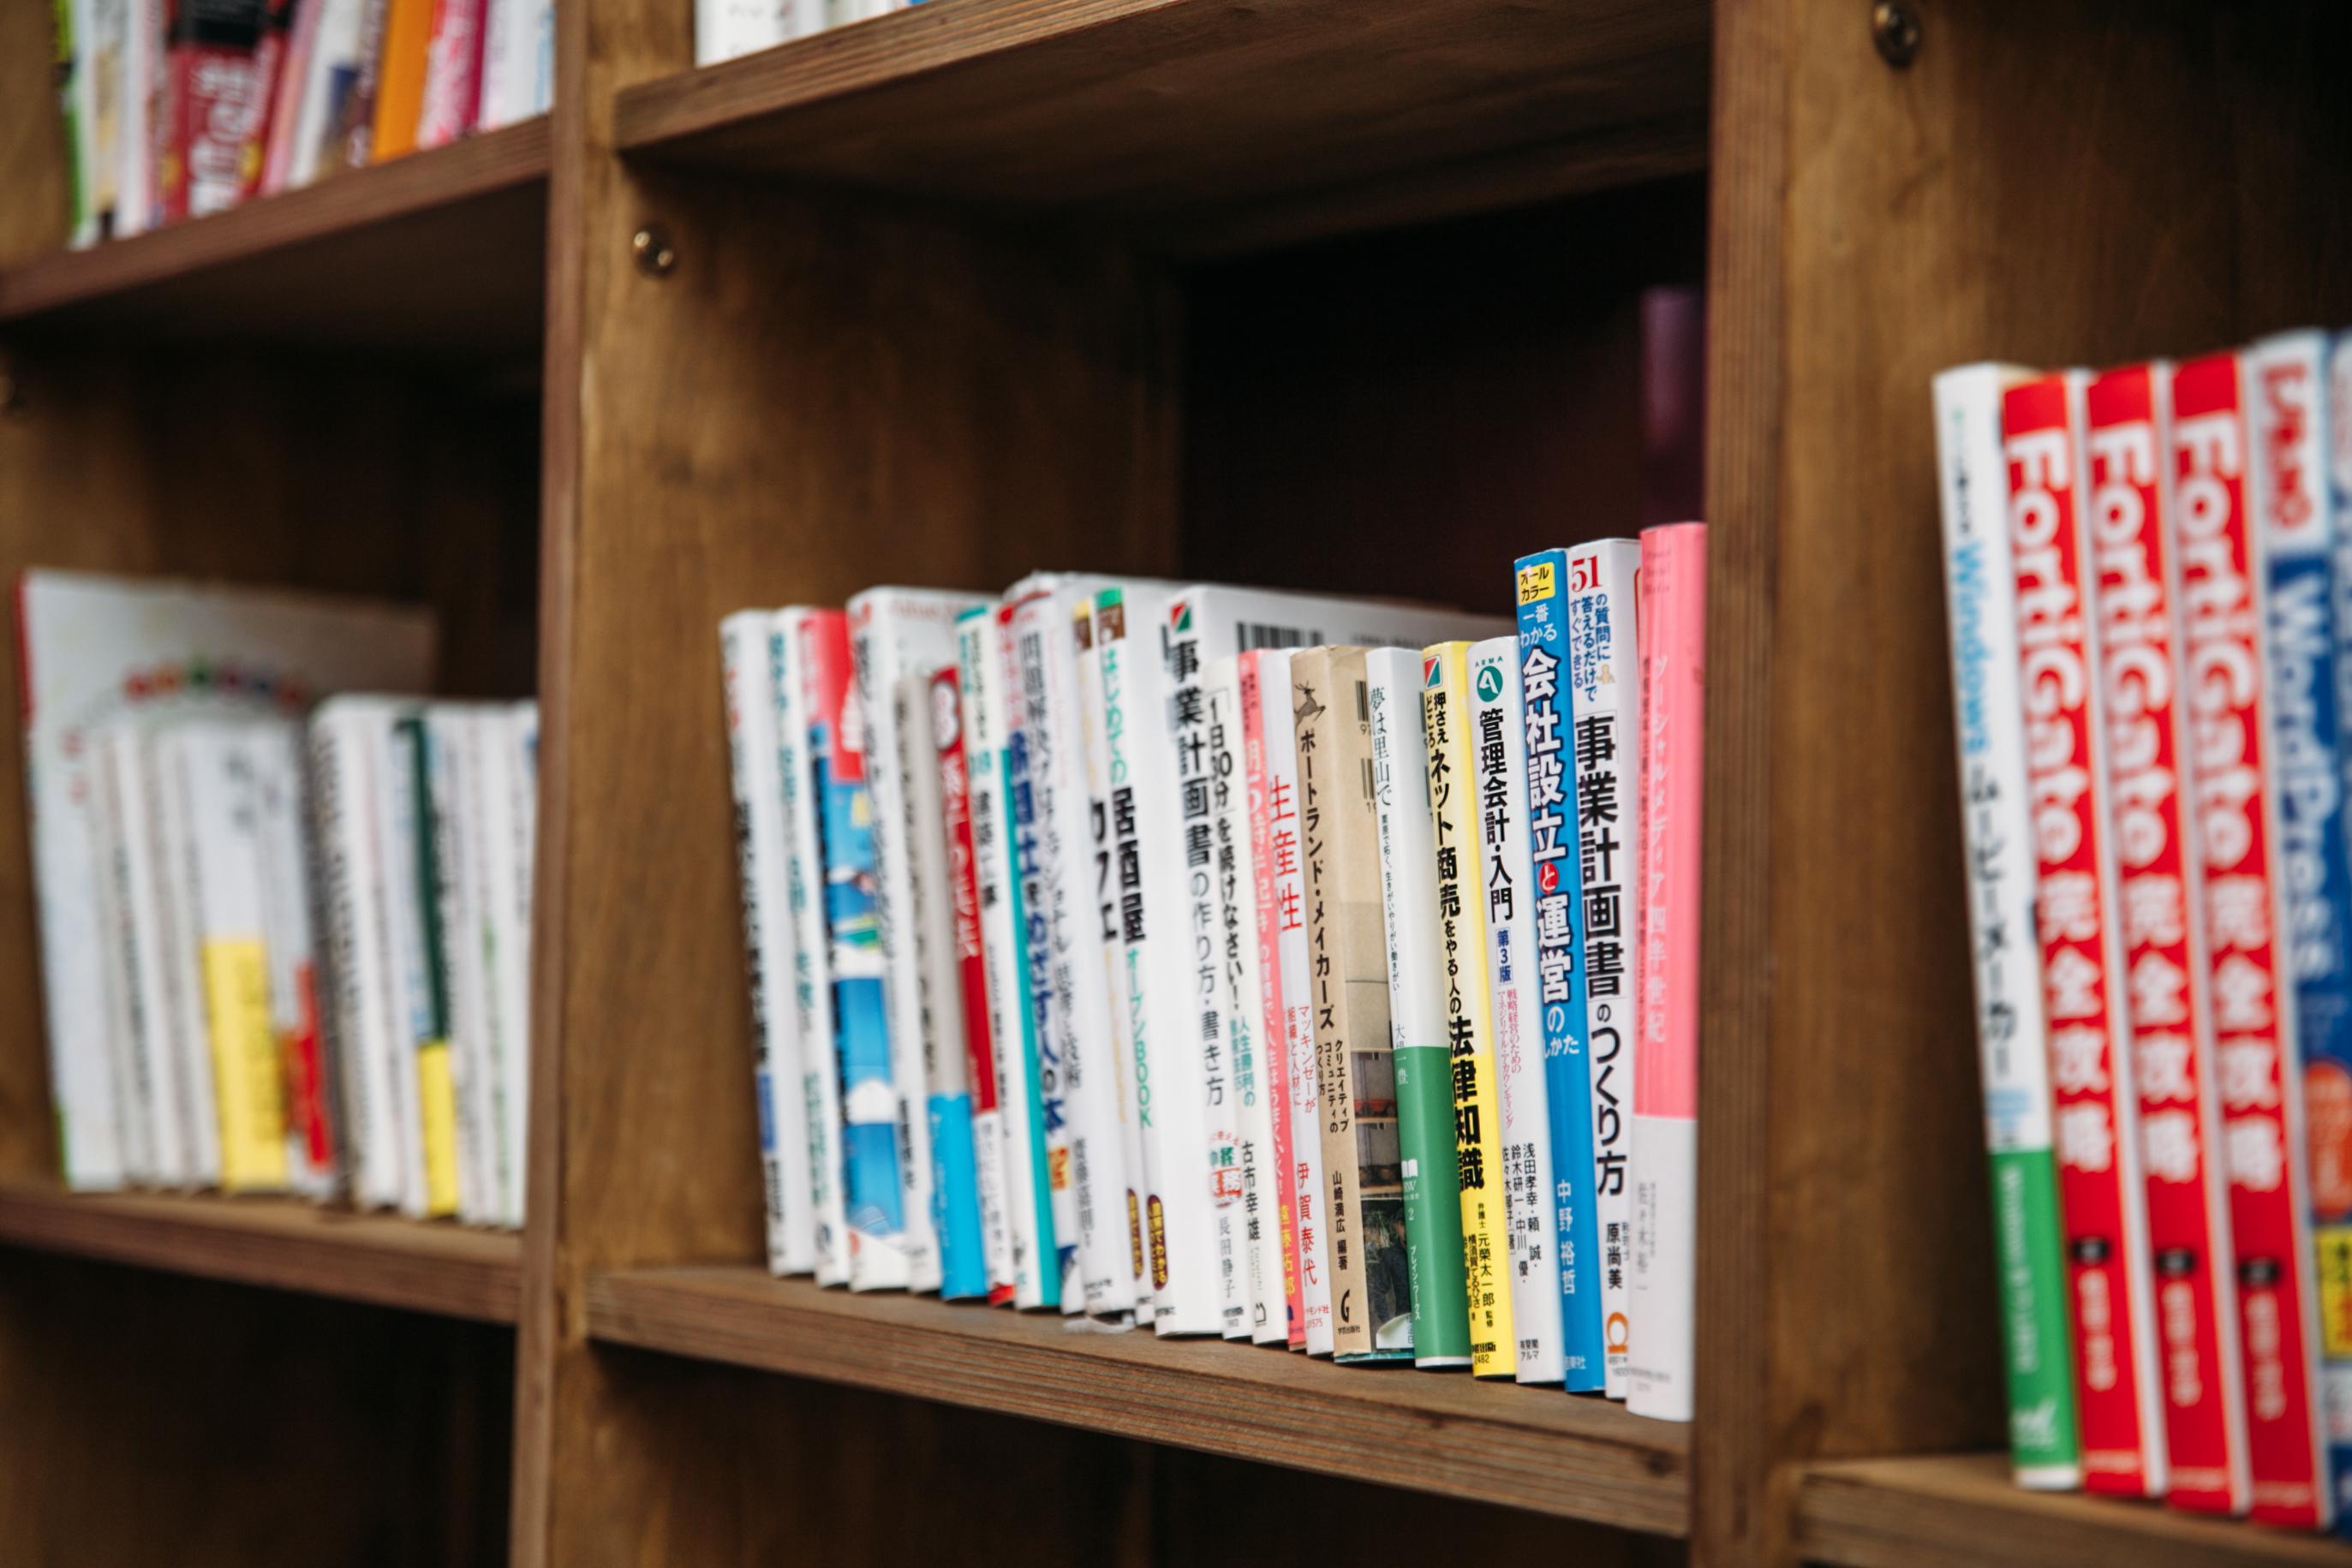 本棚にはビジネス書や専門書が揃っています